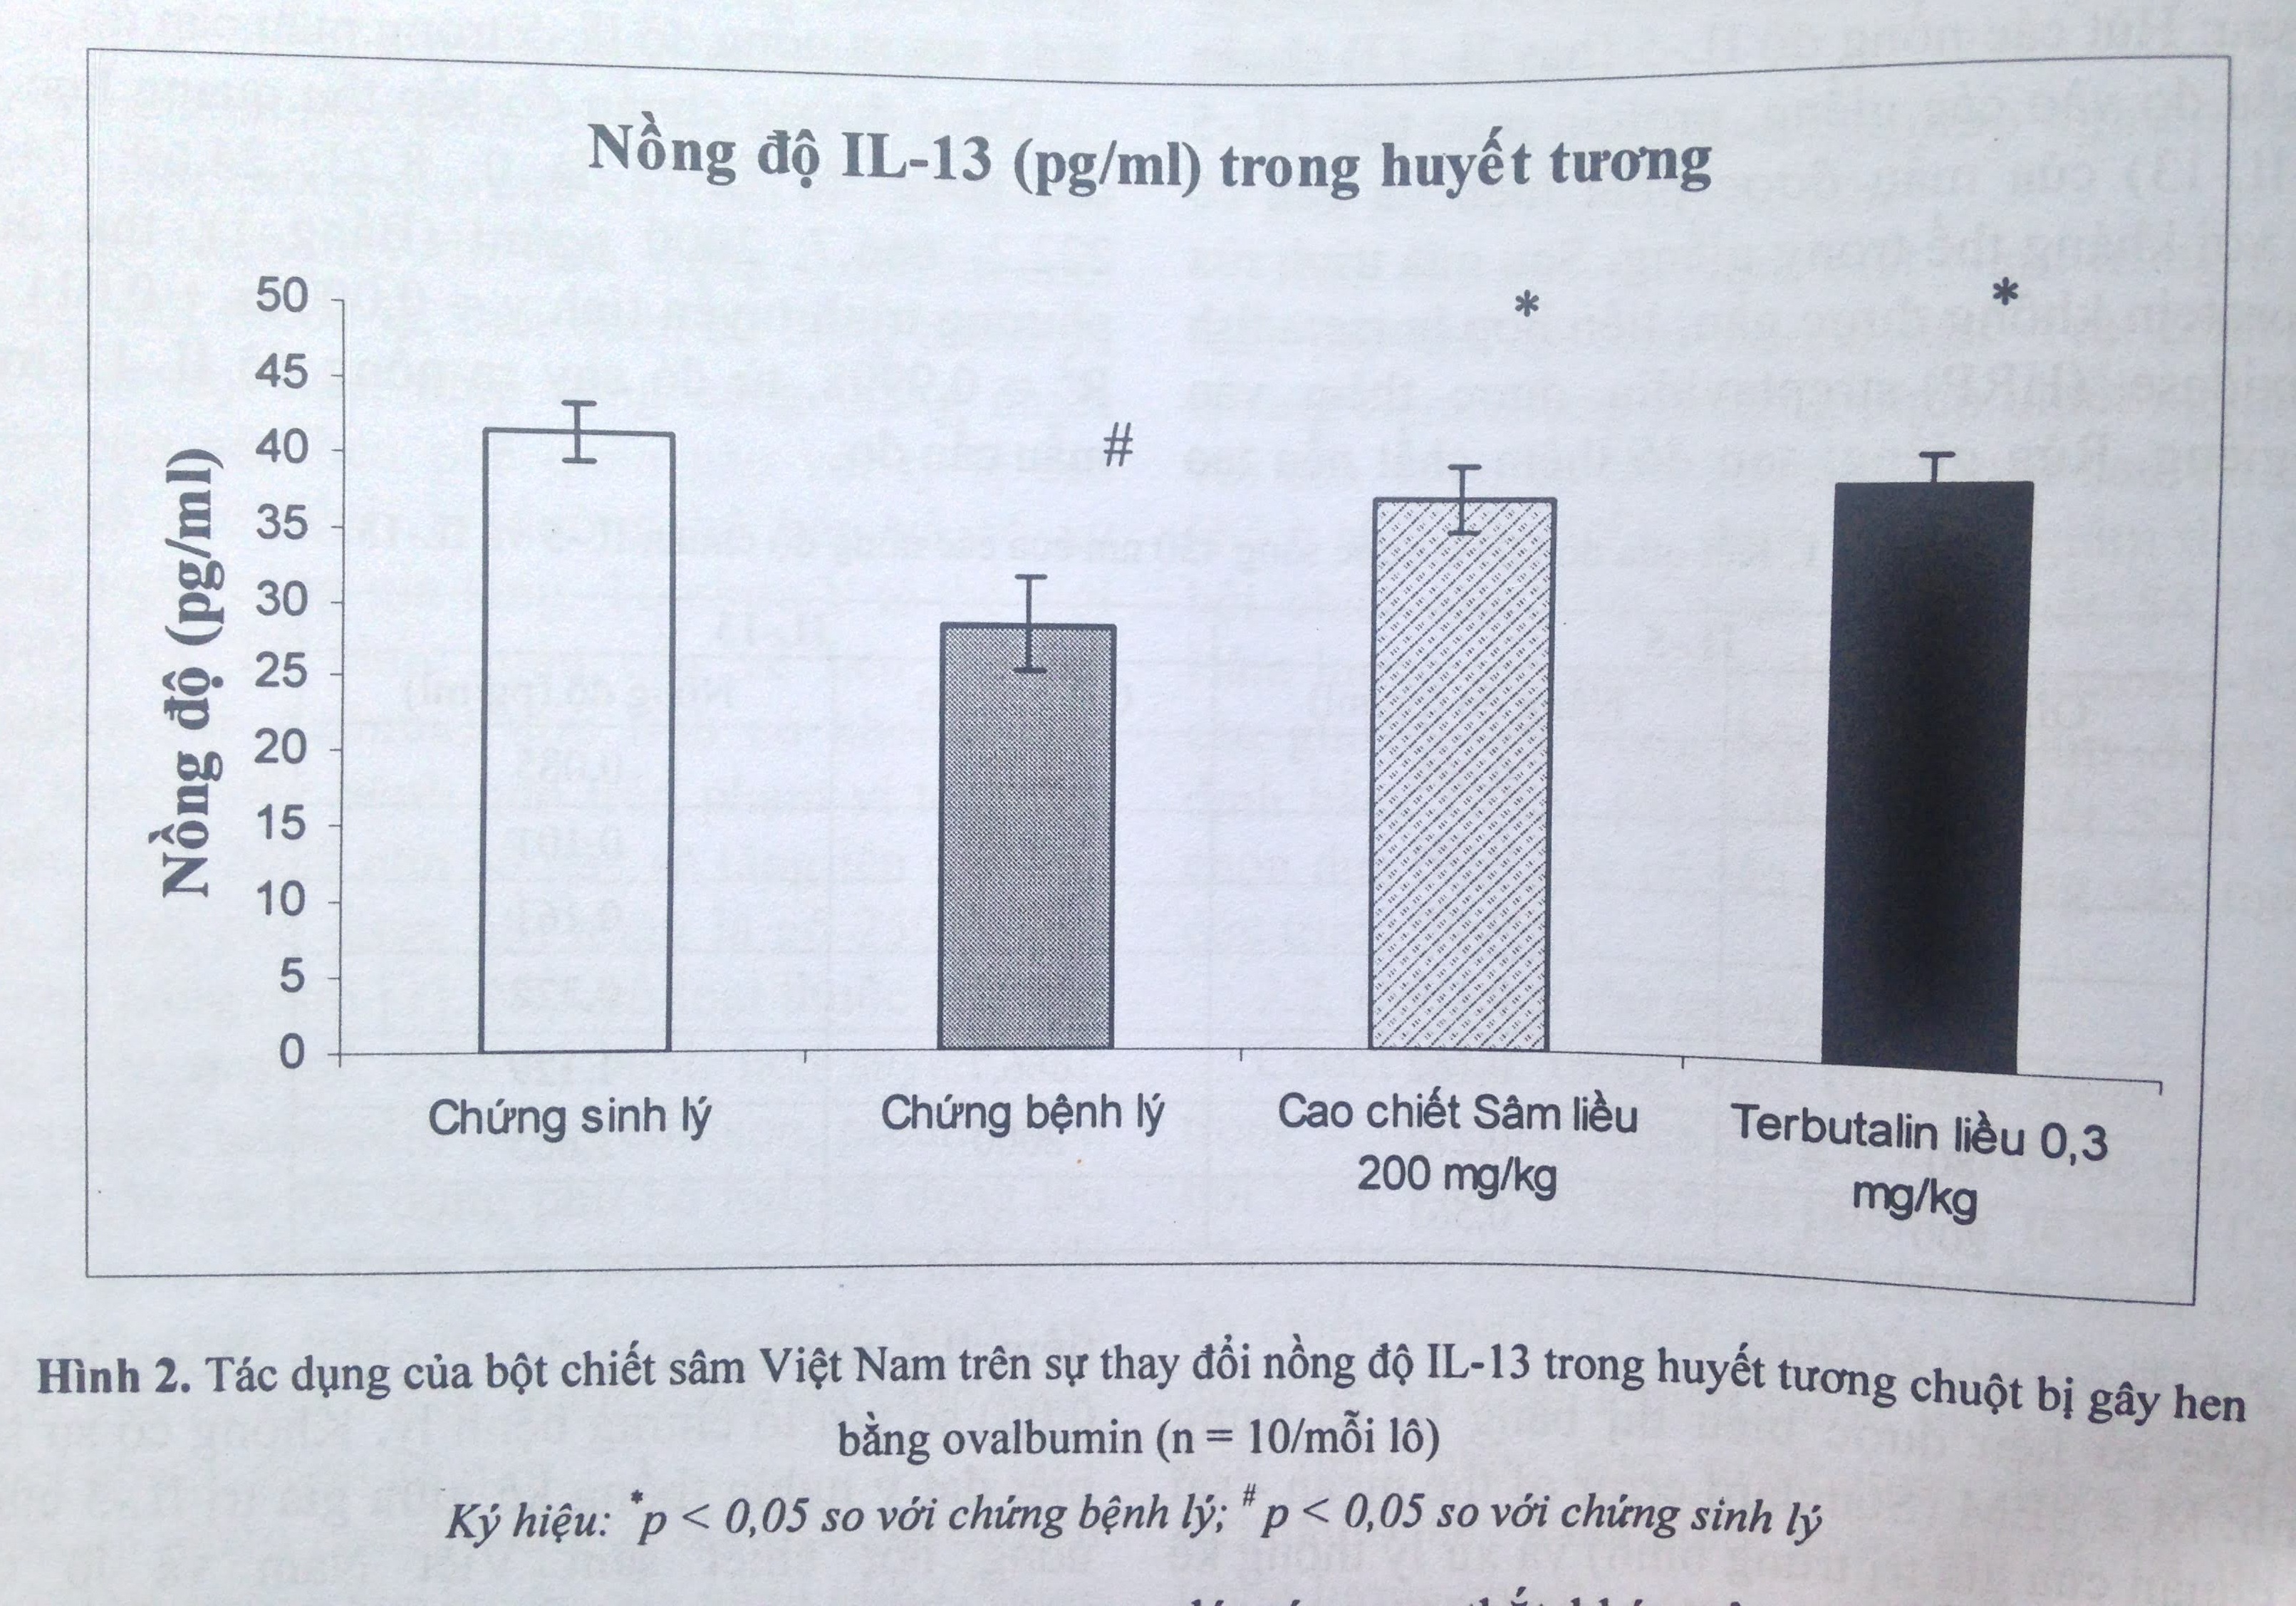 Tác dụng của Sâm Việt Nam trồng trên nồng độ Interleukin-5 và Interleukin-13 trong huyết tương chuột bị gây hen bằng Ovalbumin 4